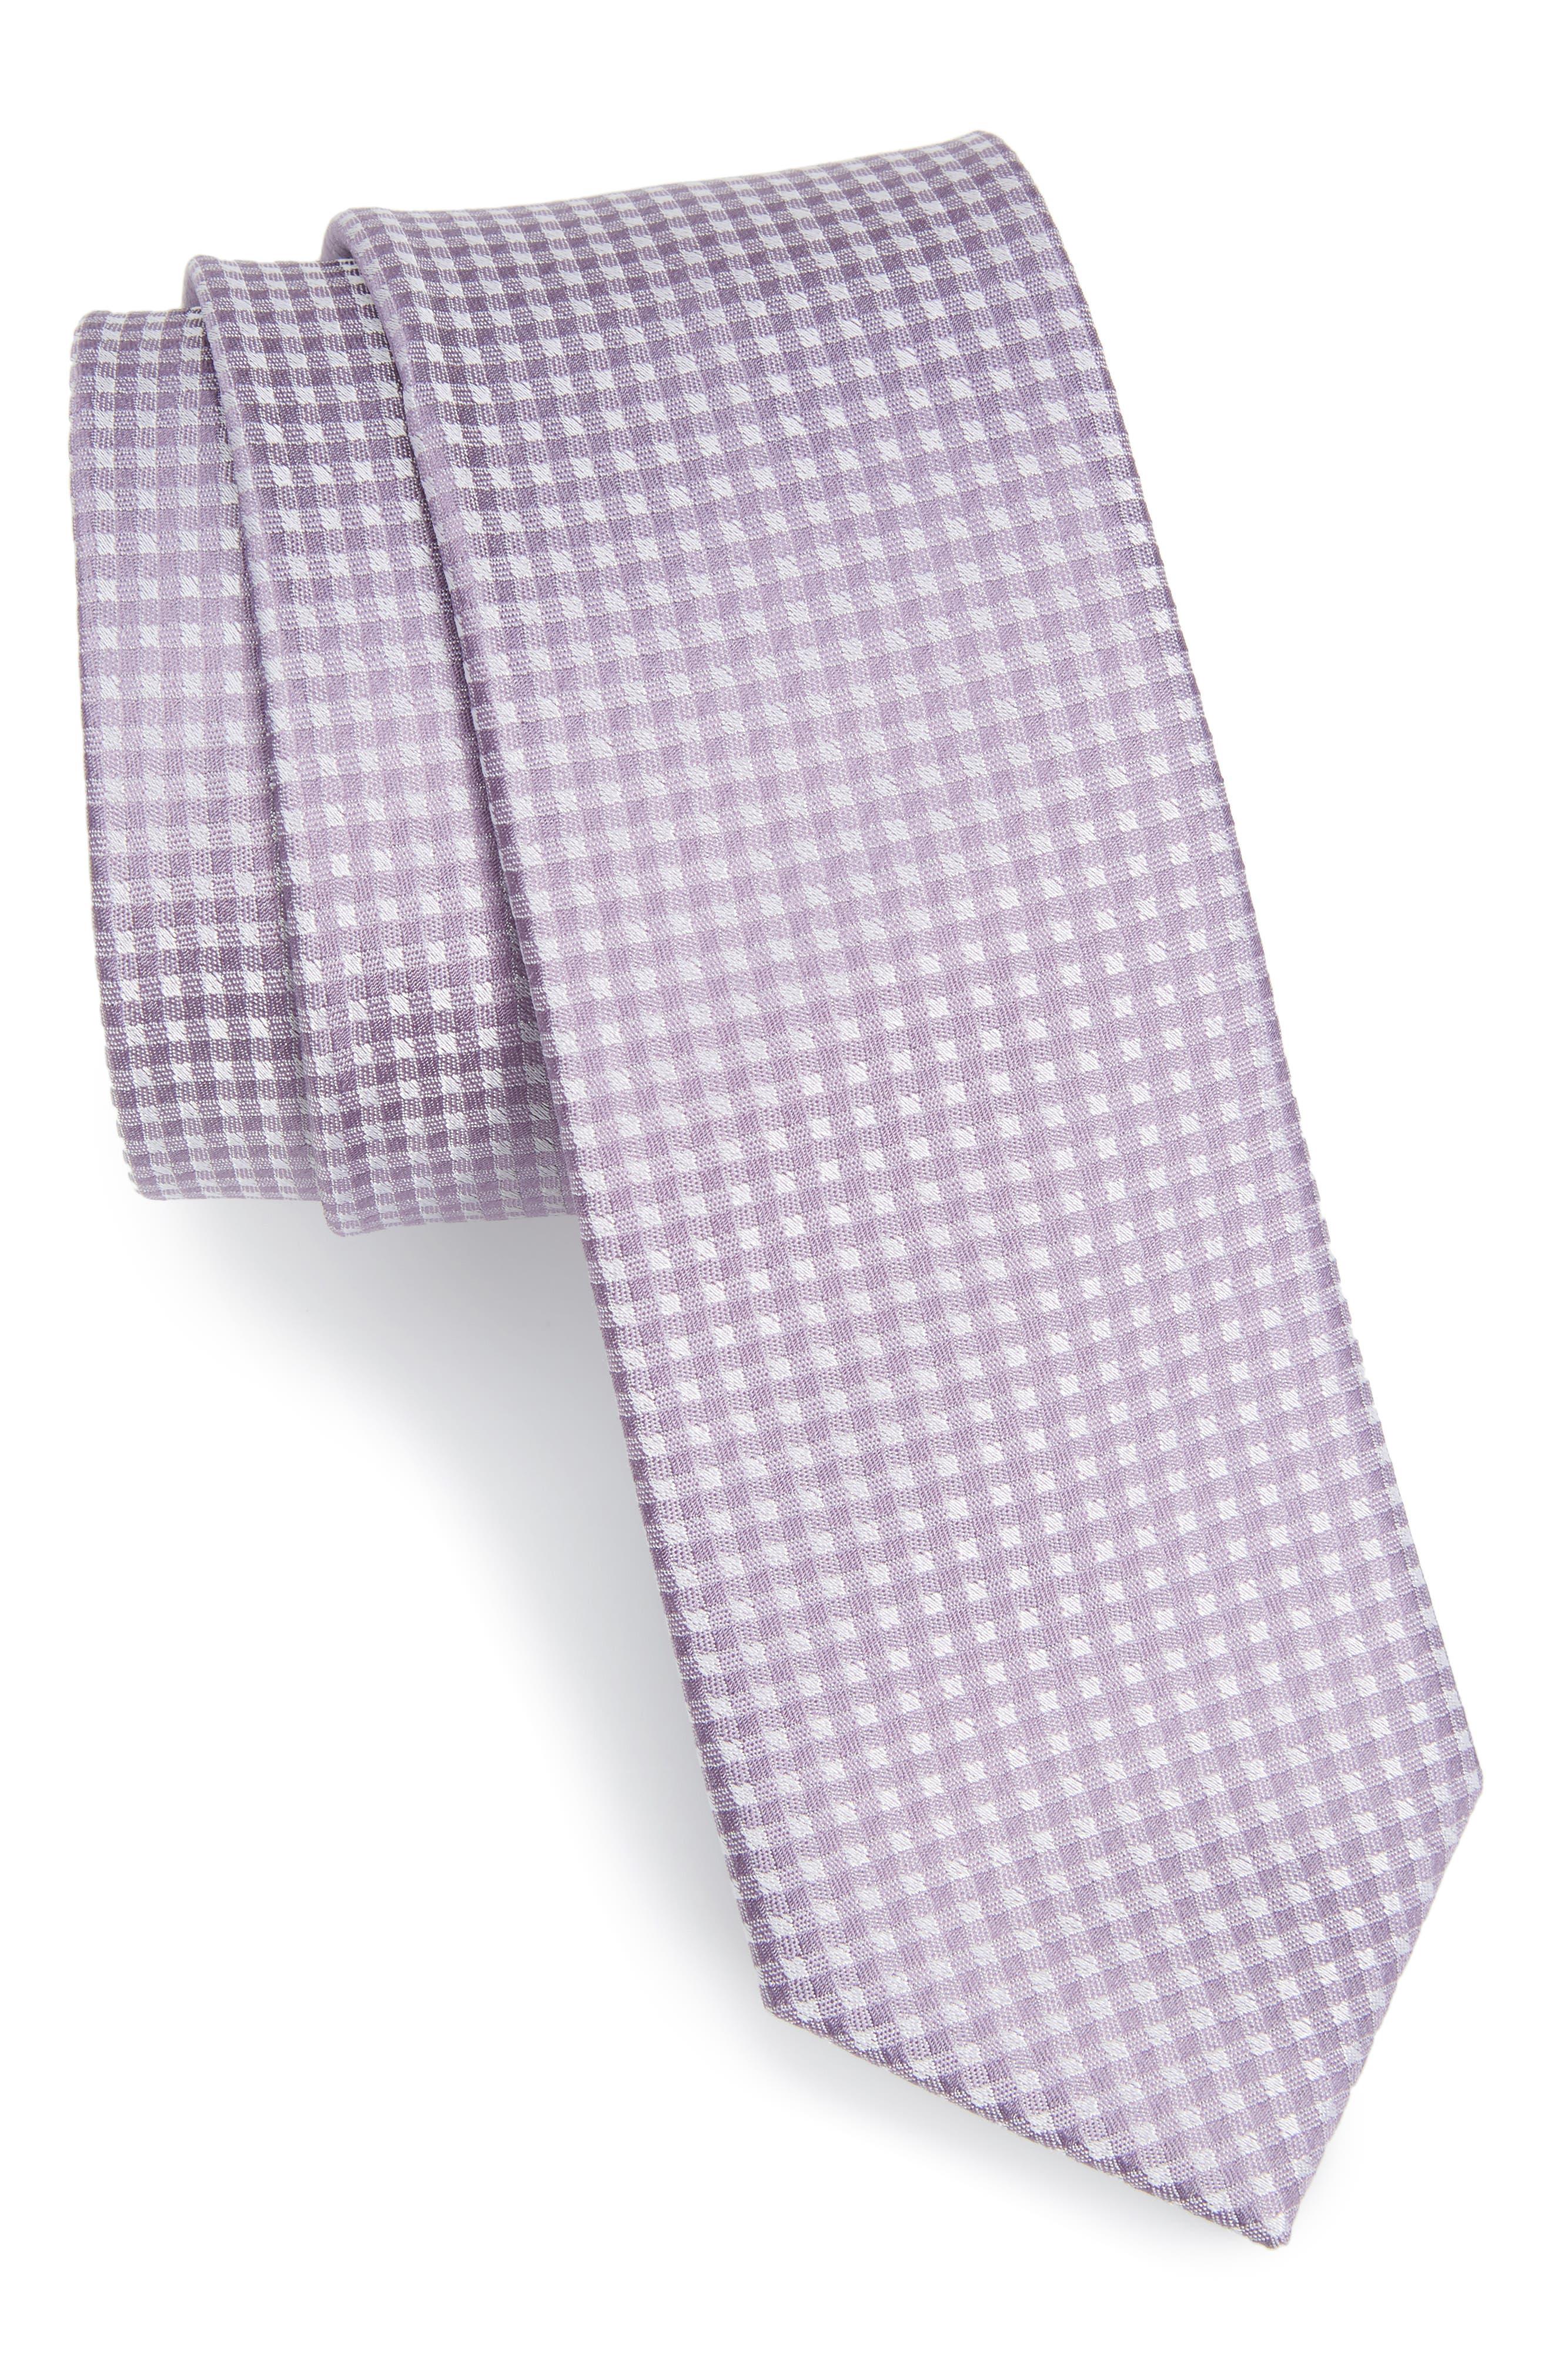 The Tie Bar Check Silk Tie